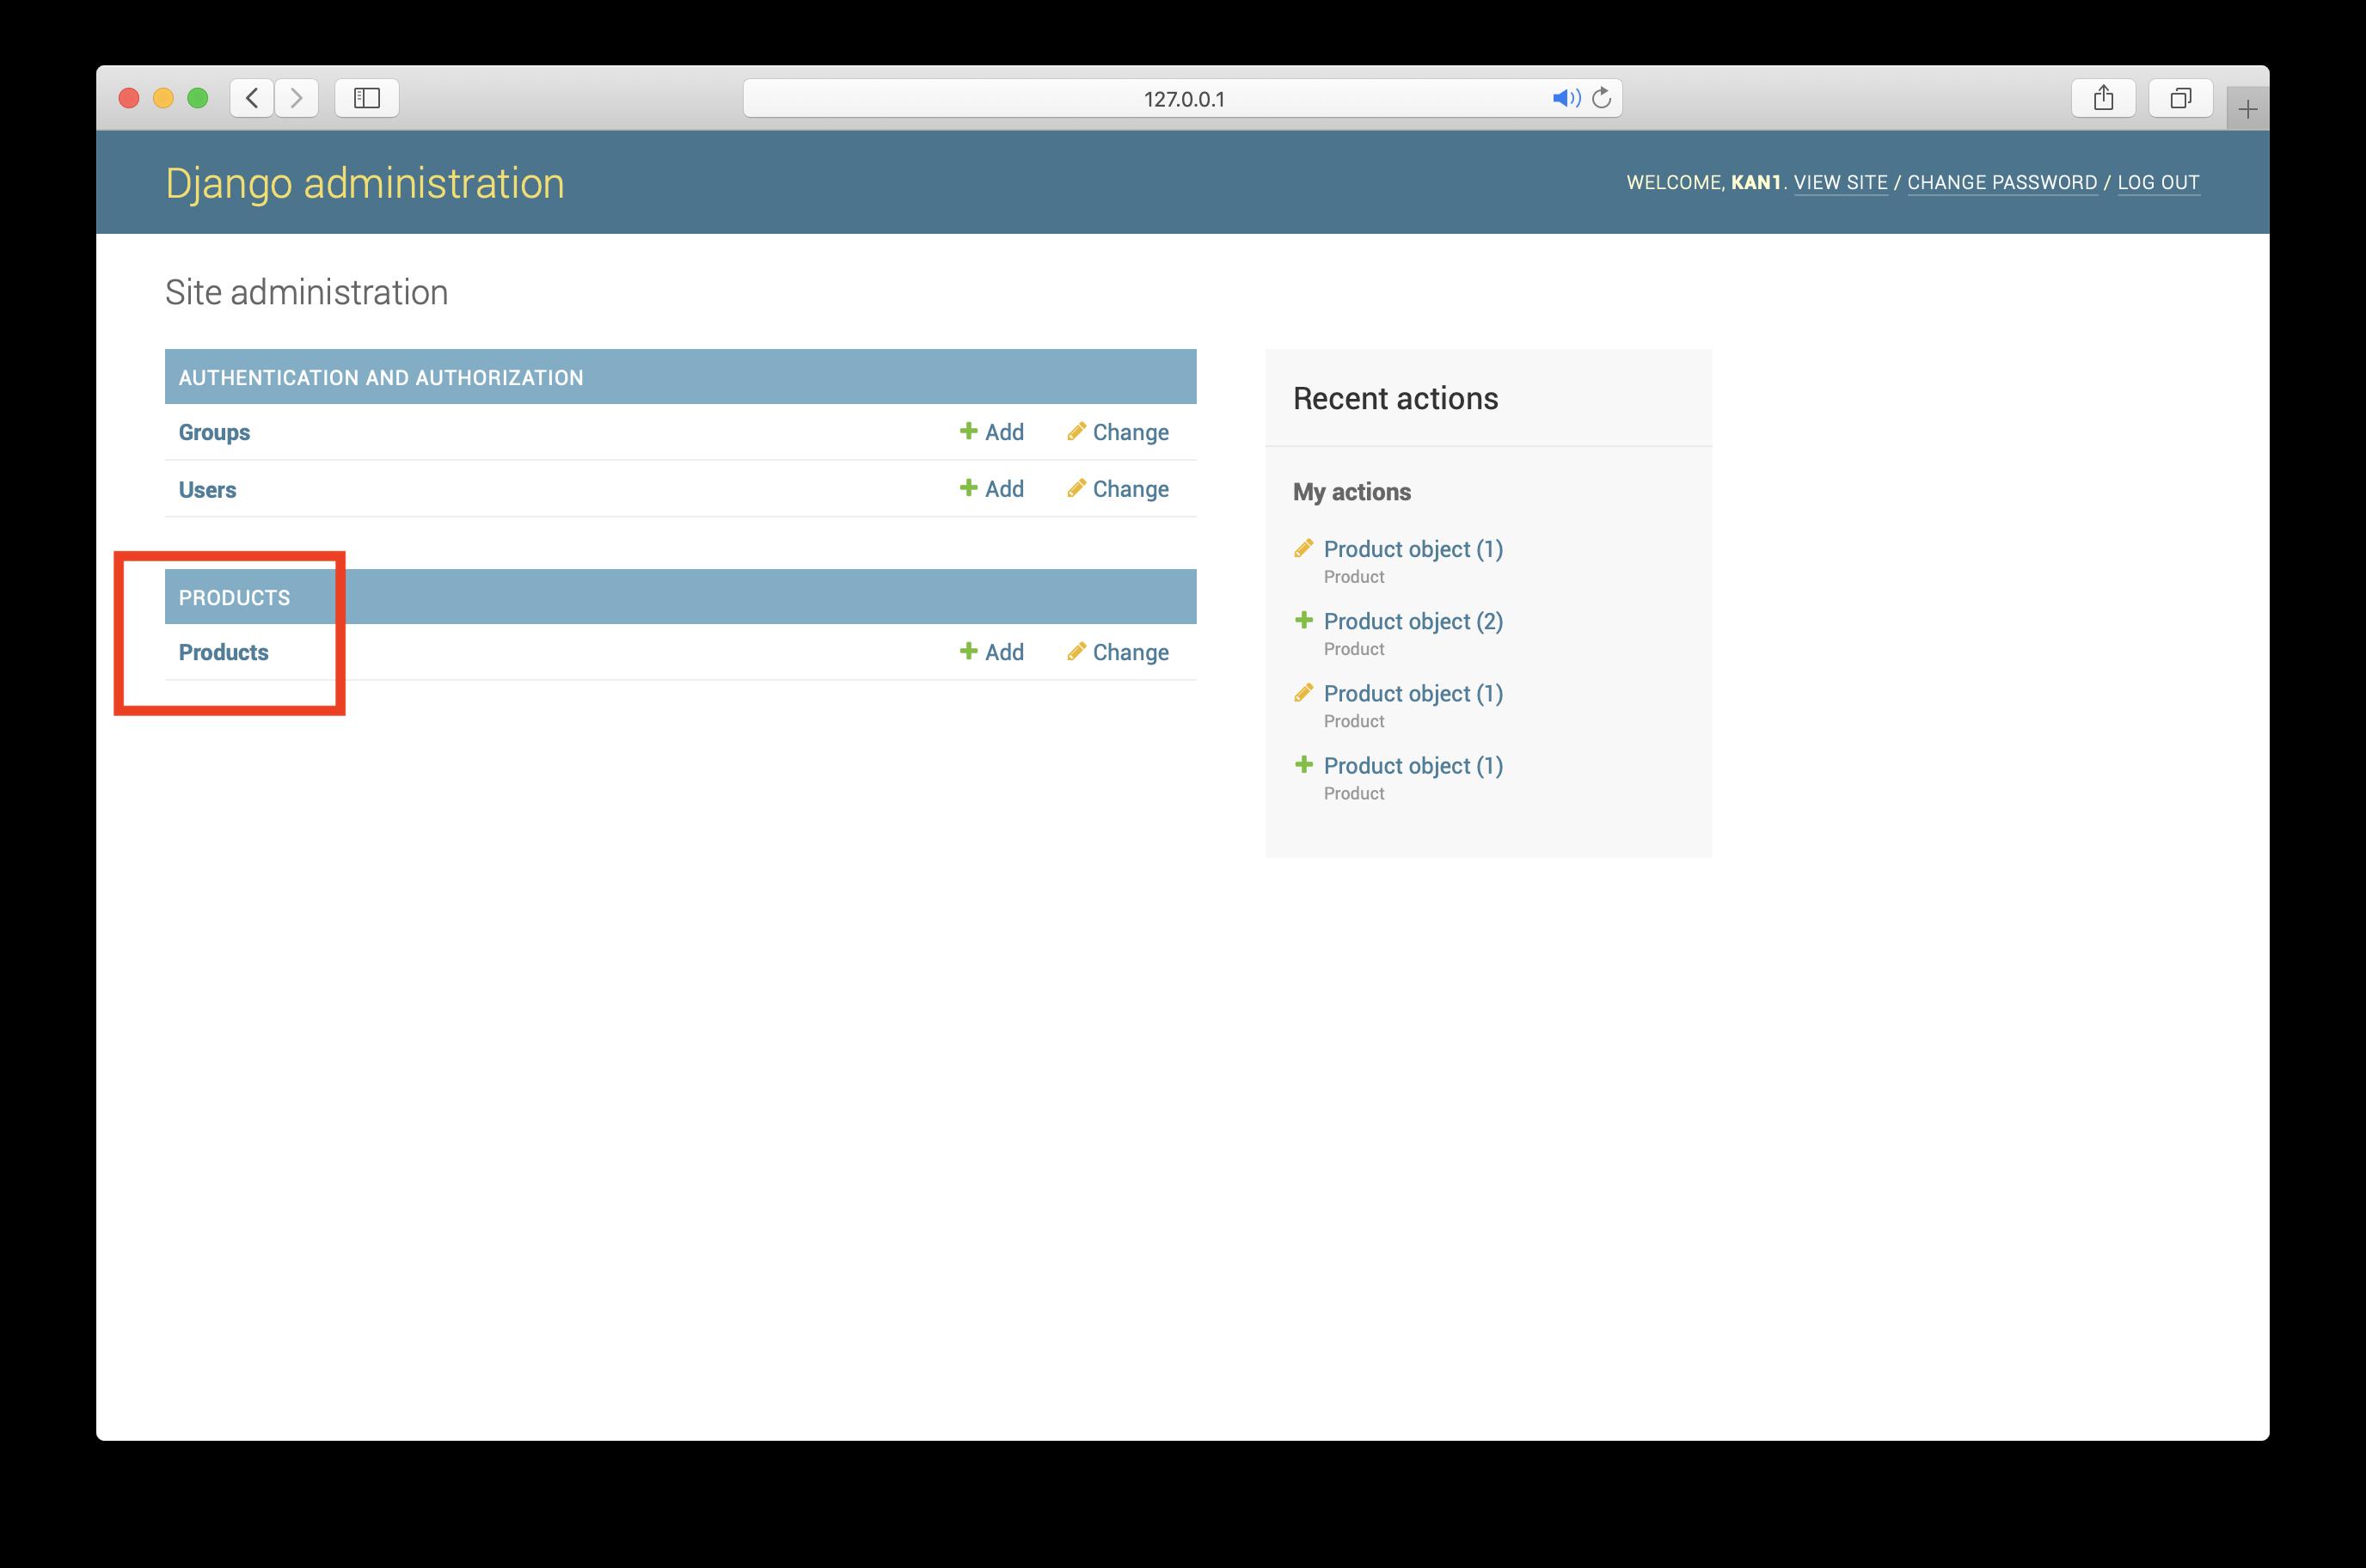 Djangoの管理画面のオブジェクトの名前を複数形から変更する方法